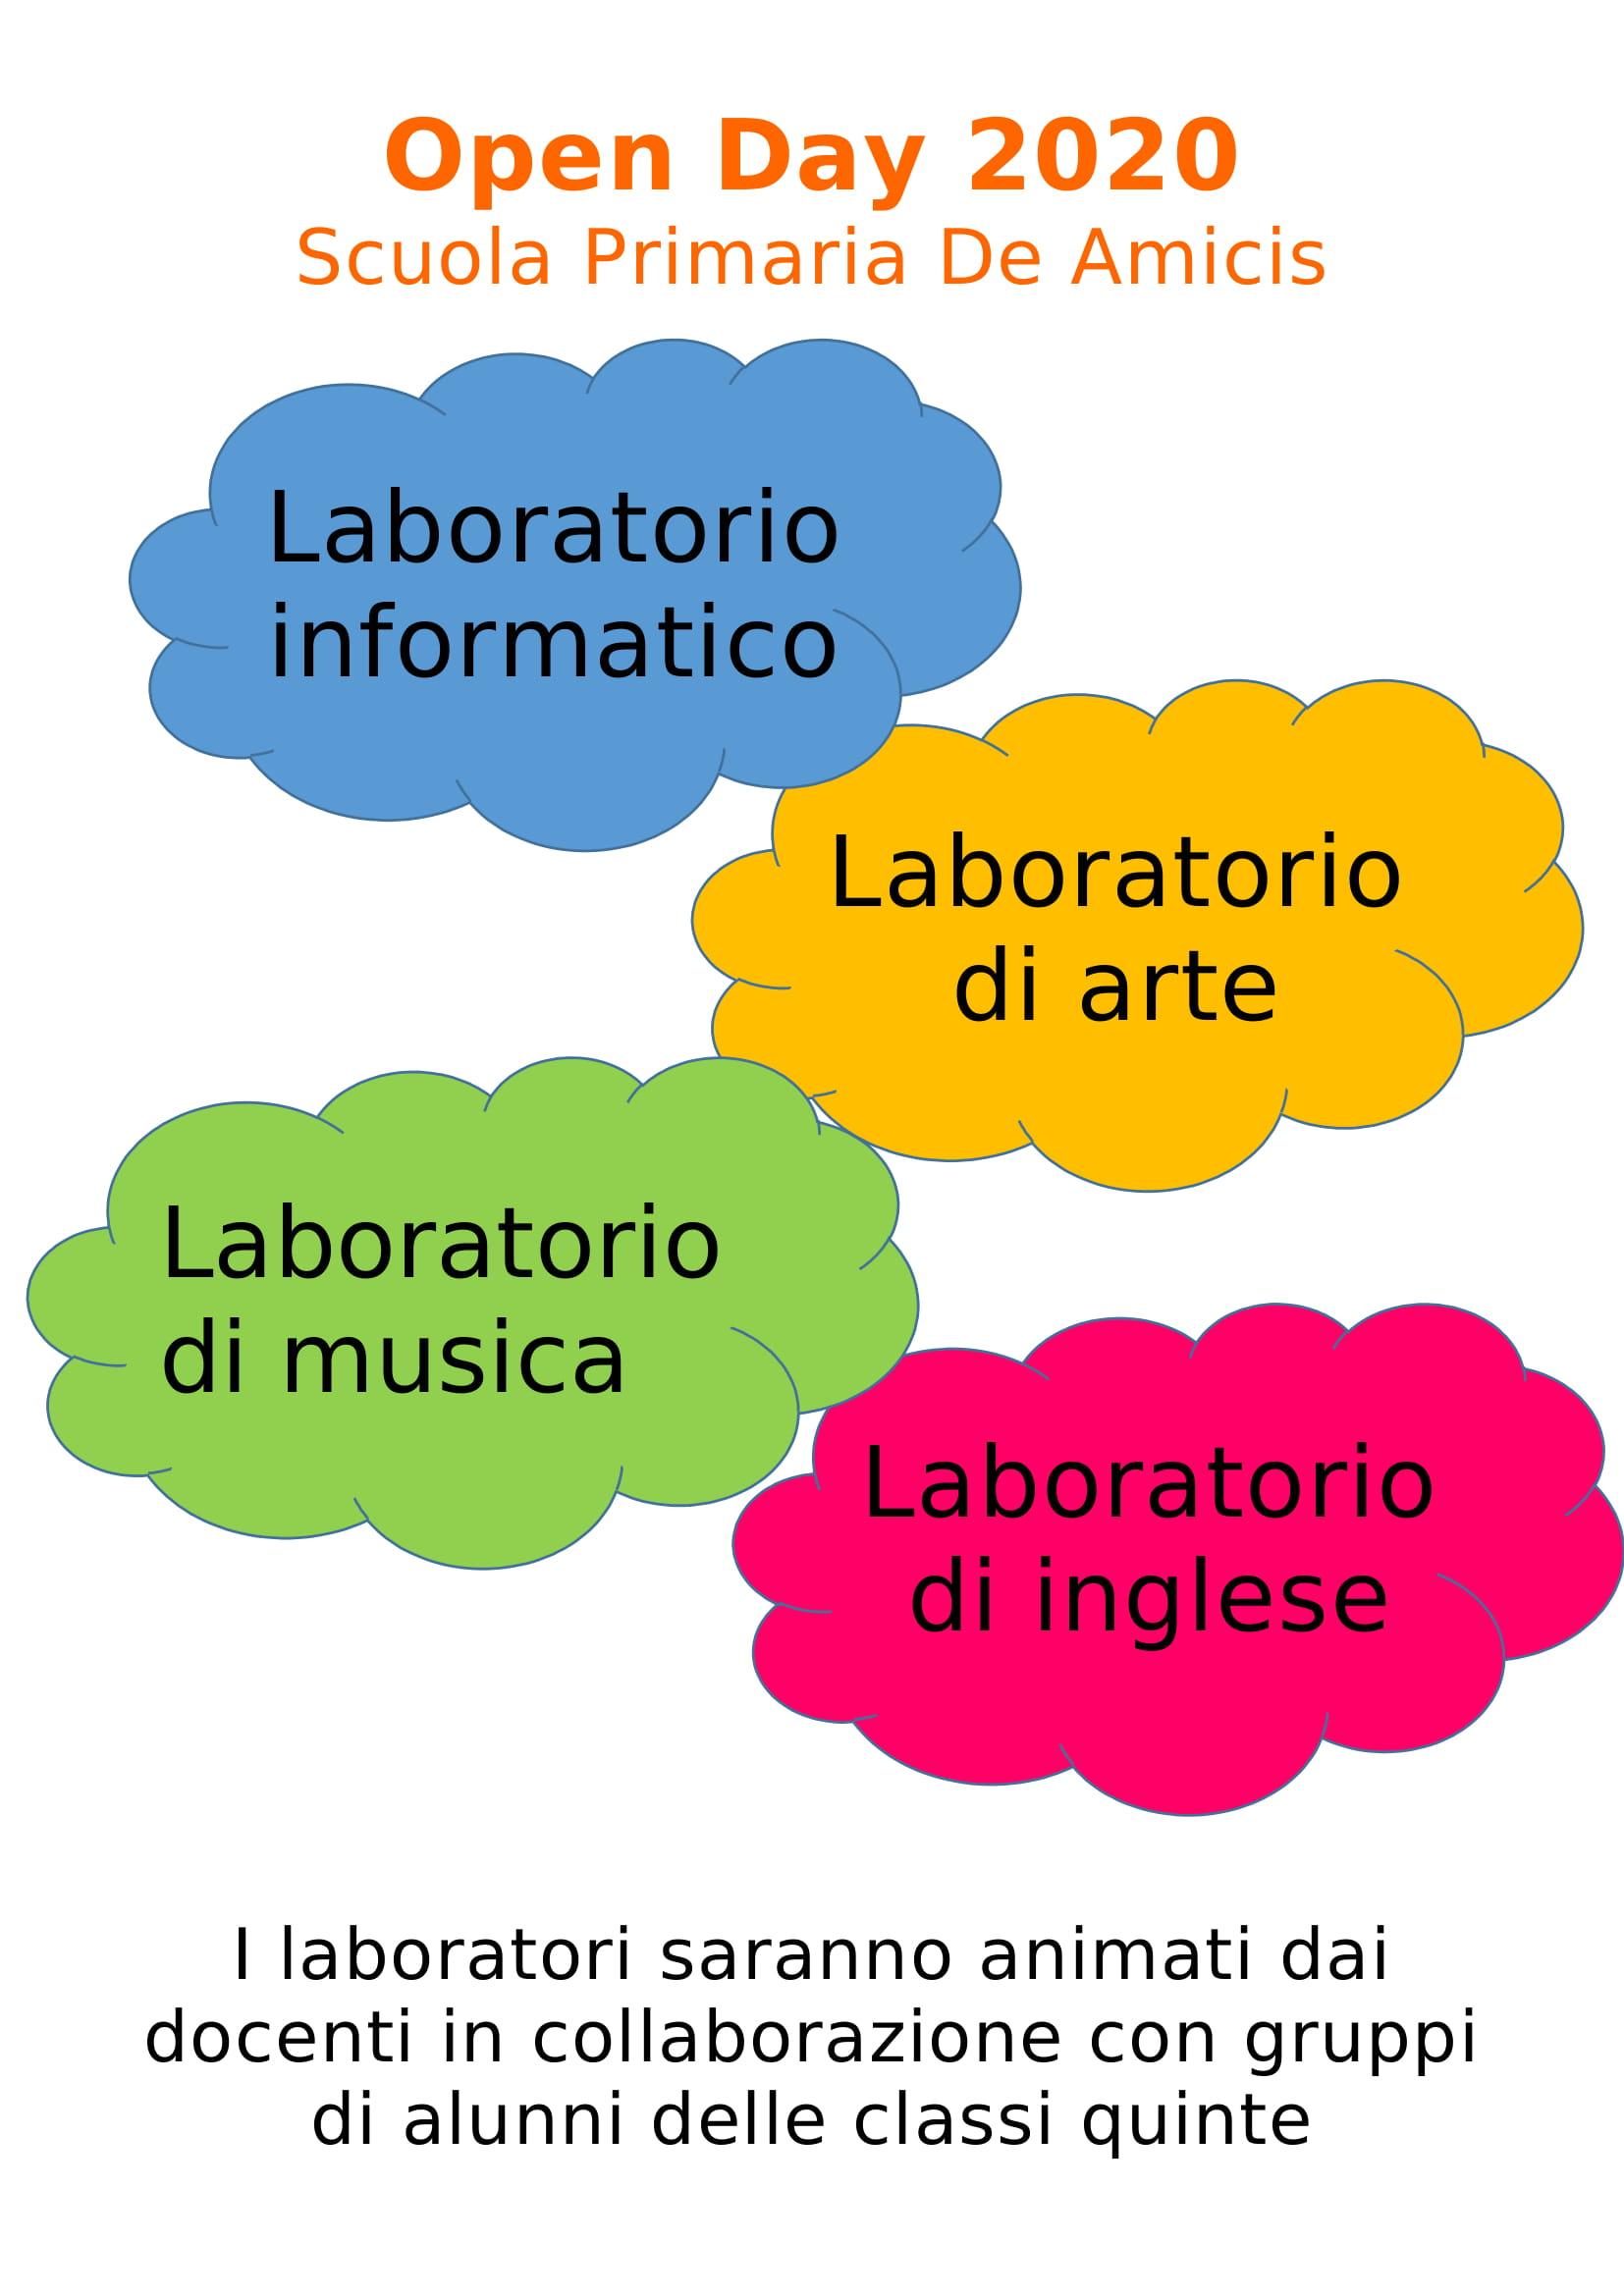 Open Day 2020 scuola De Amicis